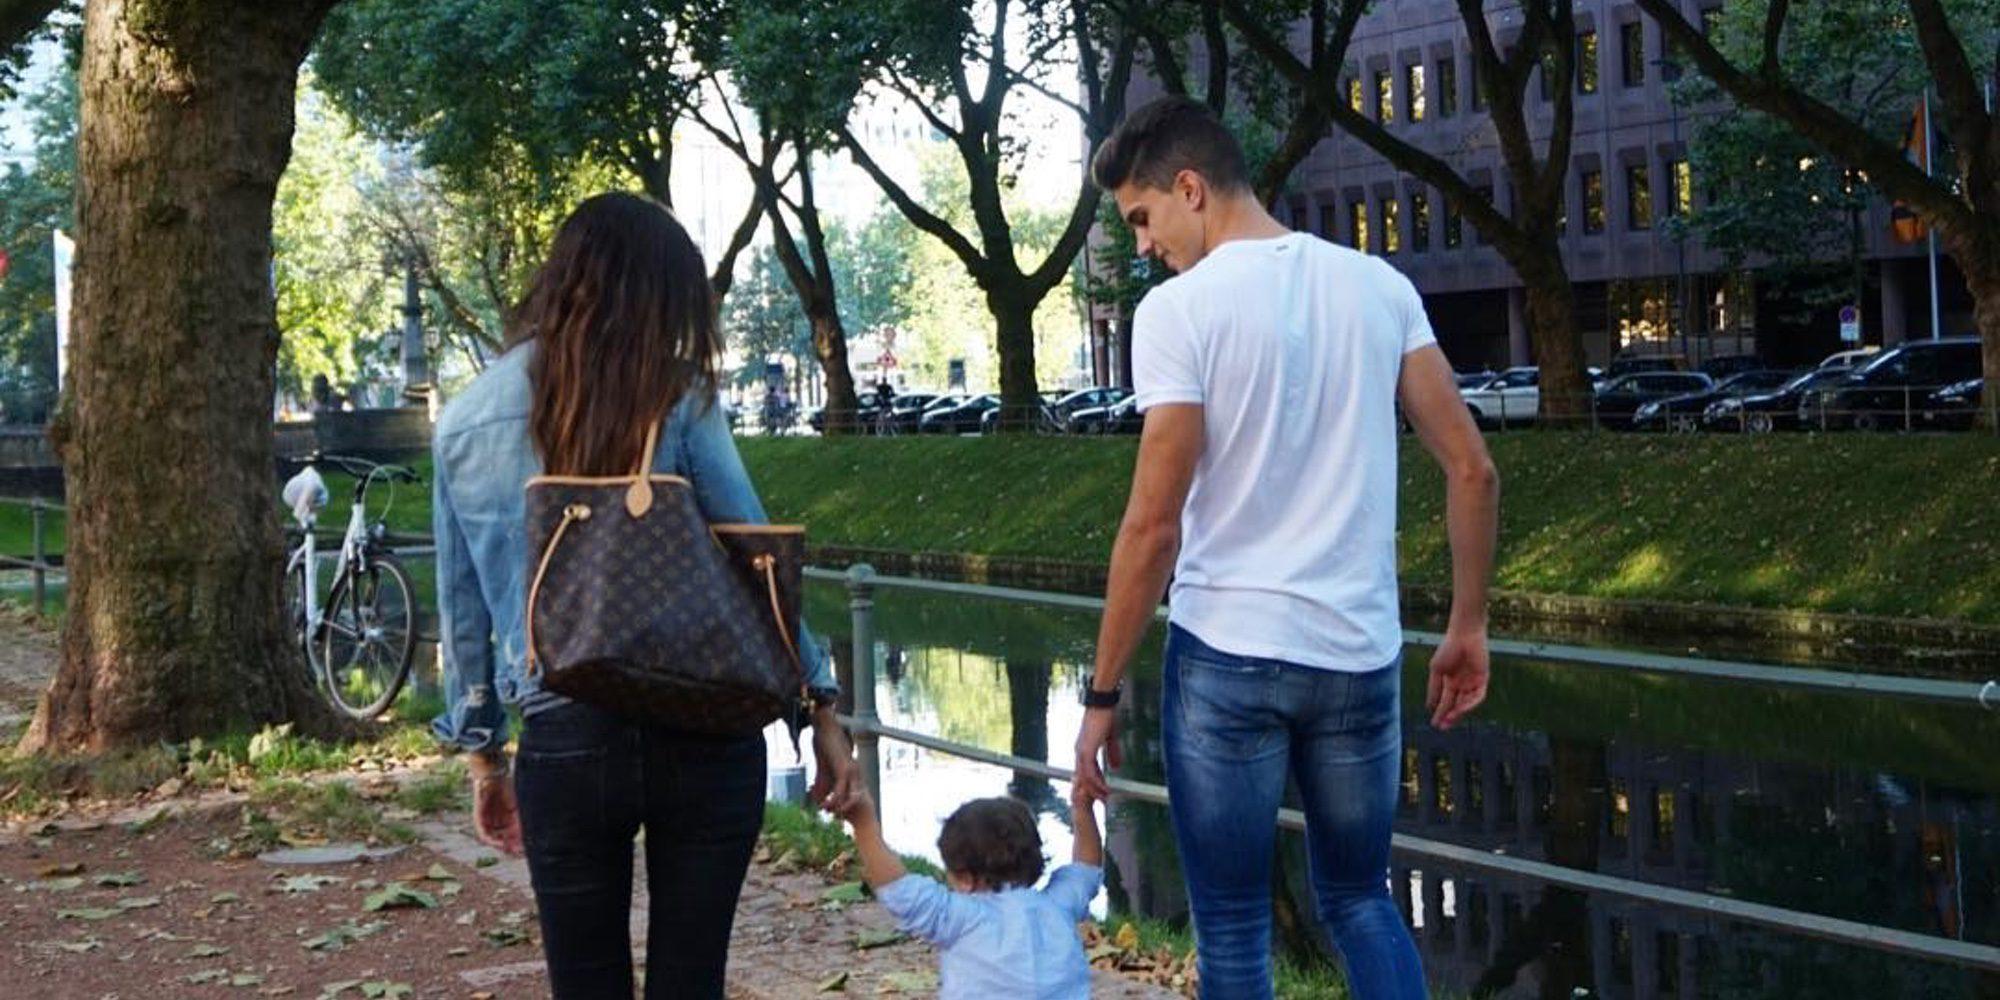 Gala Bartra da sus primeros pasos junto a sus padres Marc Bartra y Melissa Jiménez